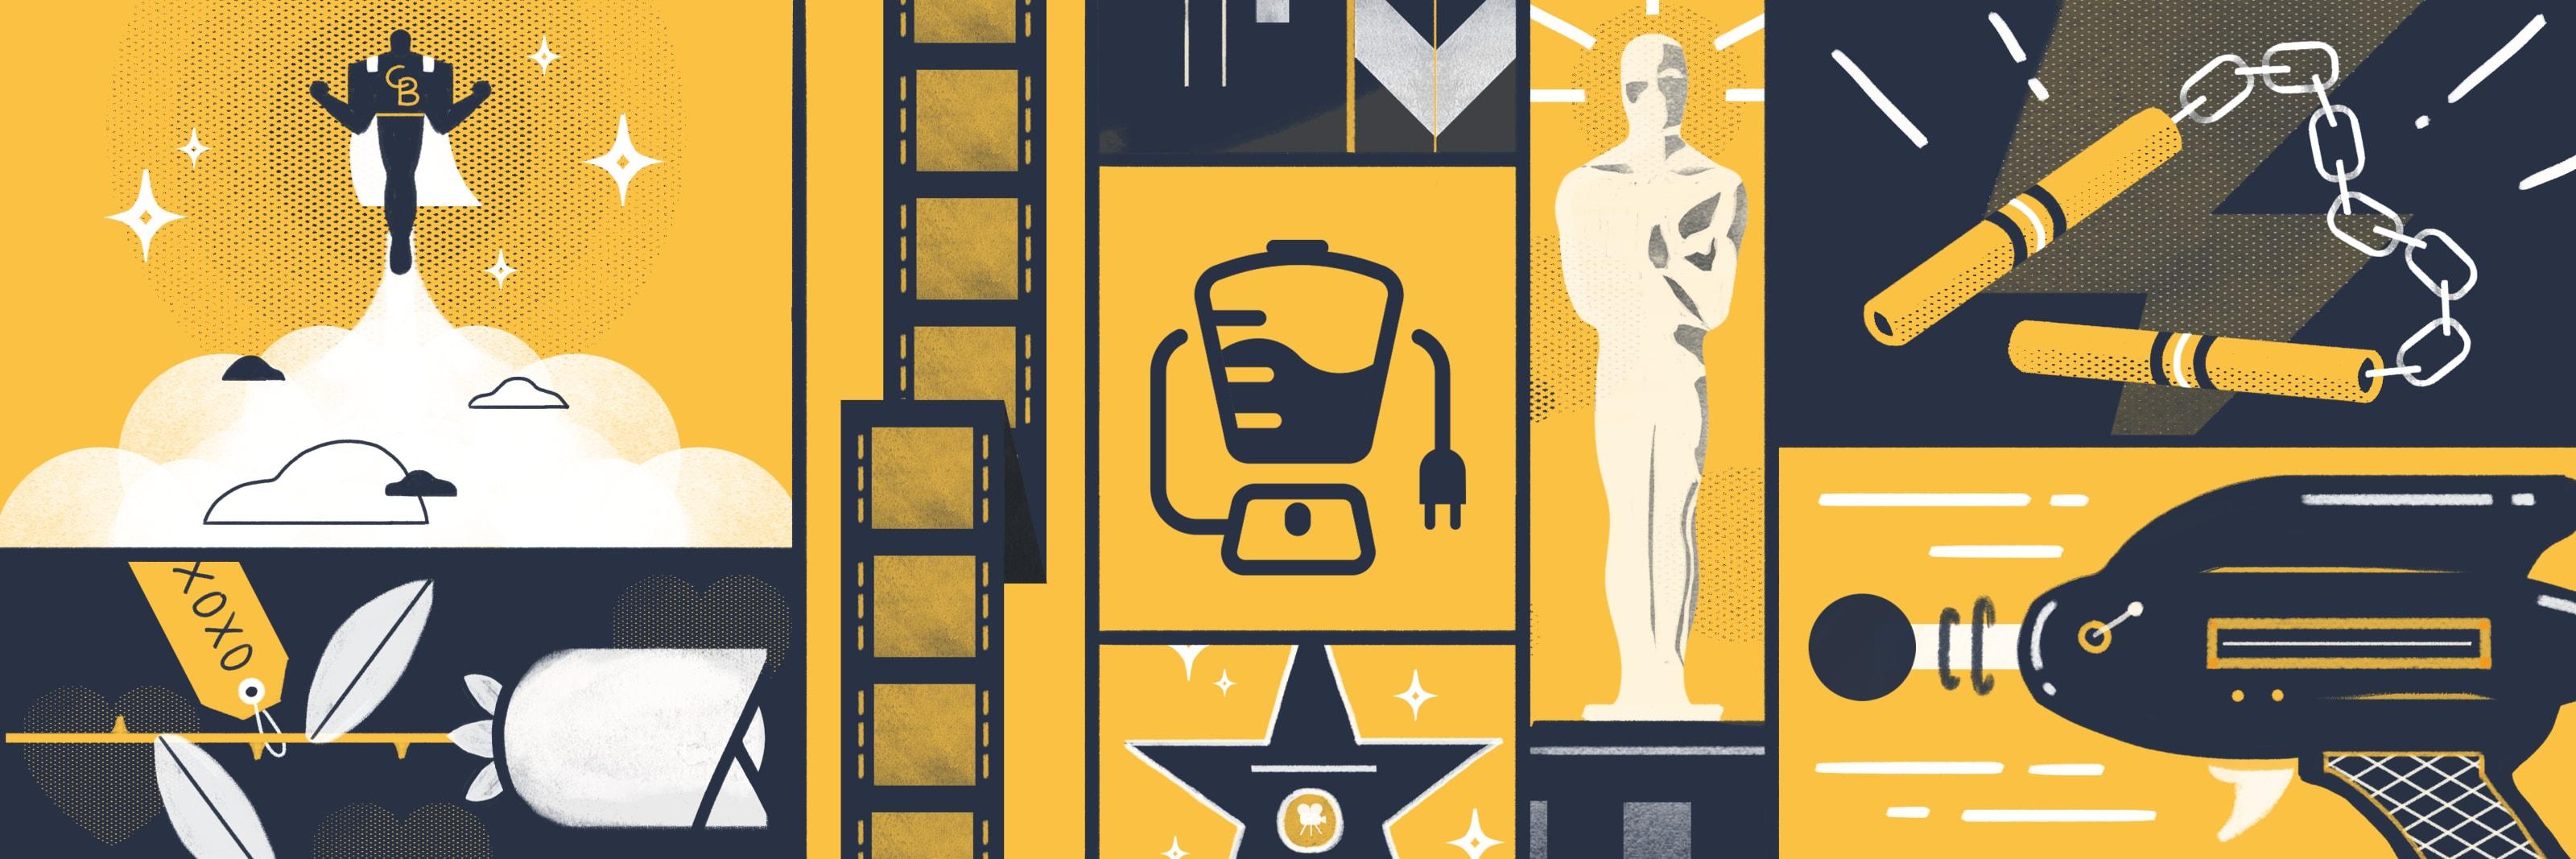 CinemaBlend header